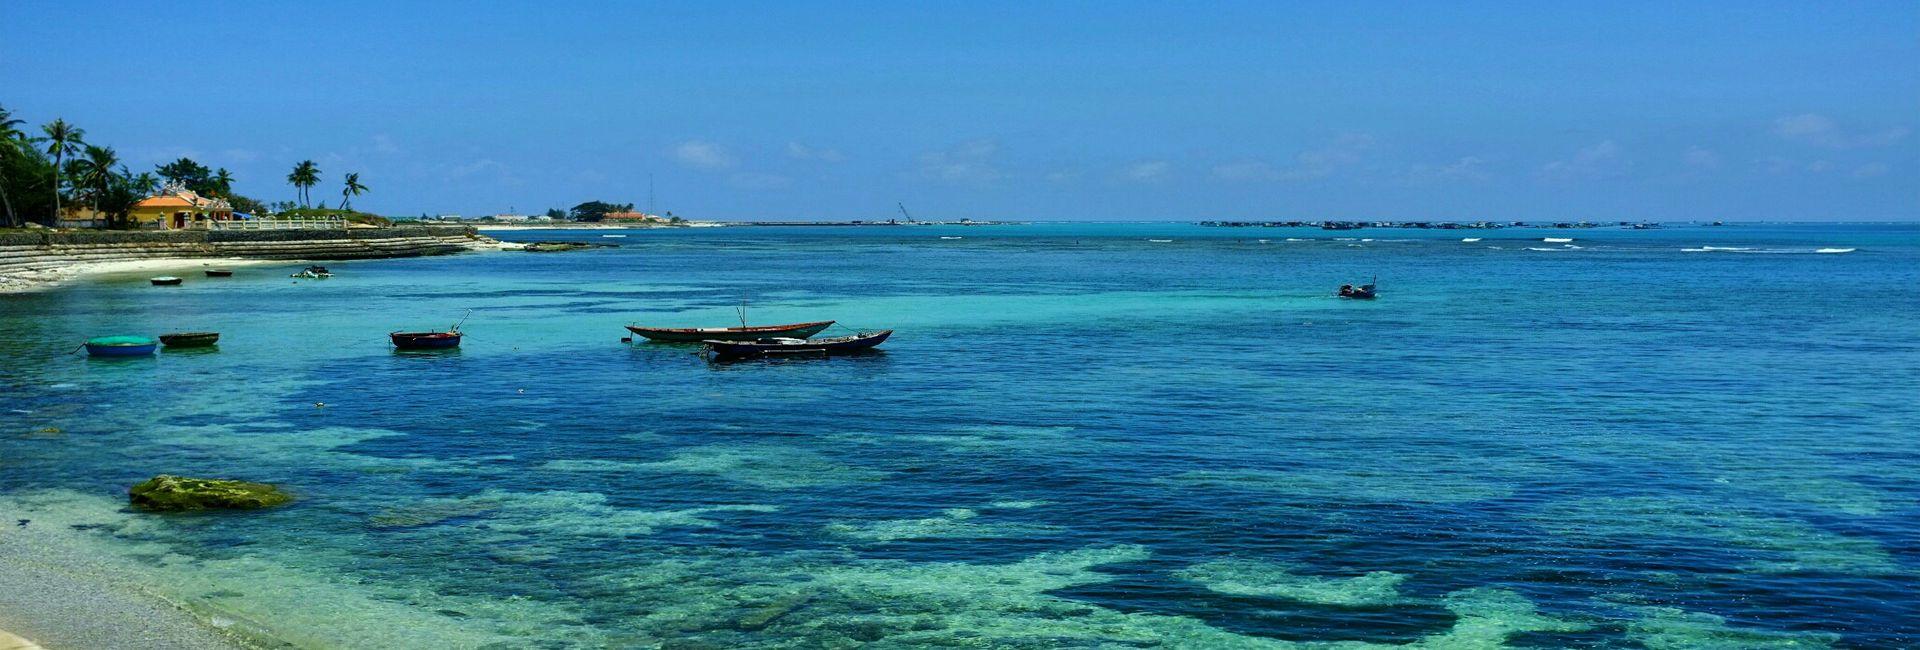 Kinh nghiệm du lịch đảo Lý Sơn tự túc tất tần tật từ A - Z